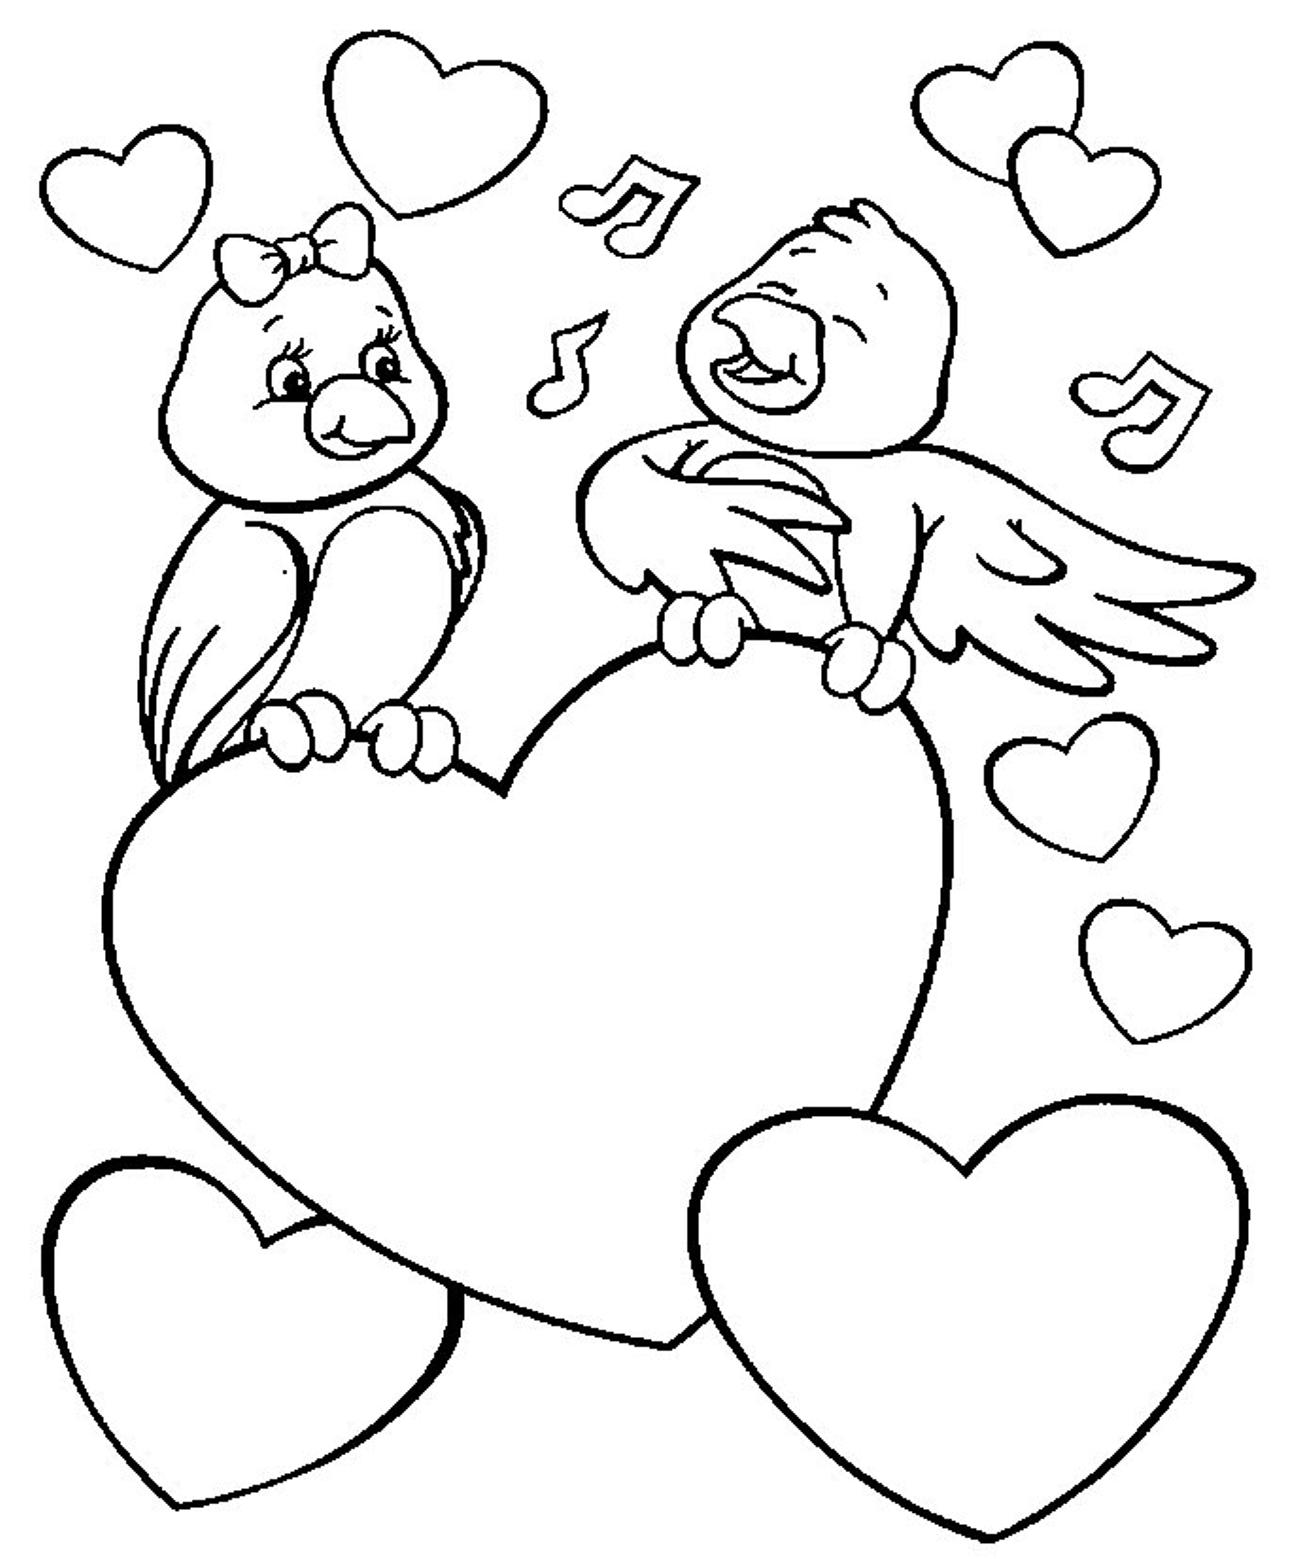 Tranh tô màu hình con chim và trái tim